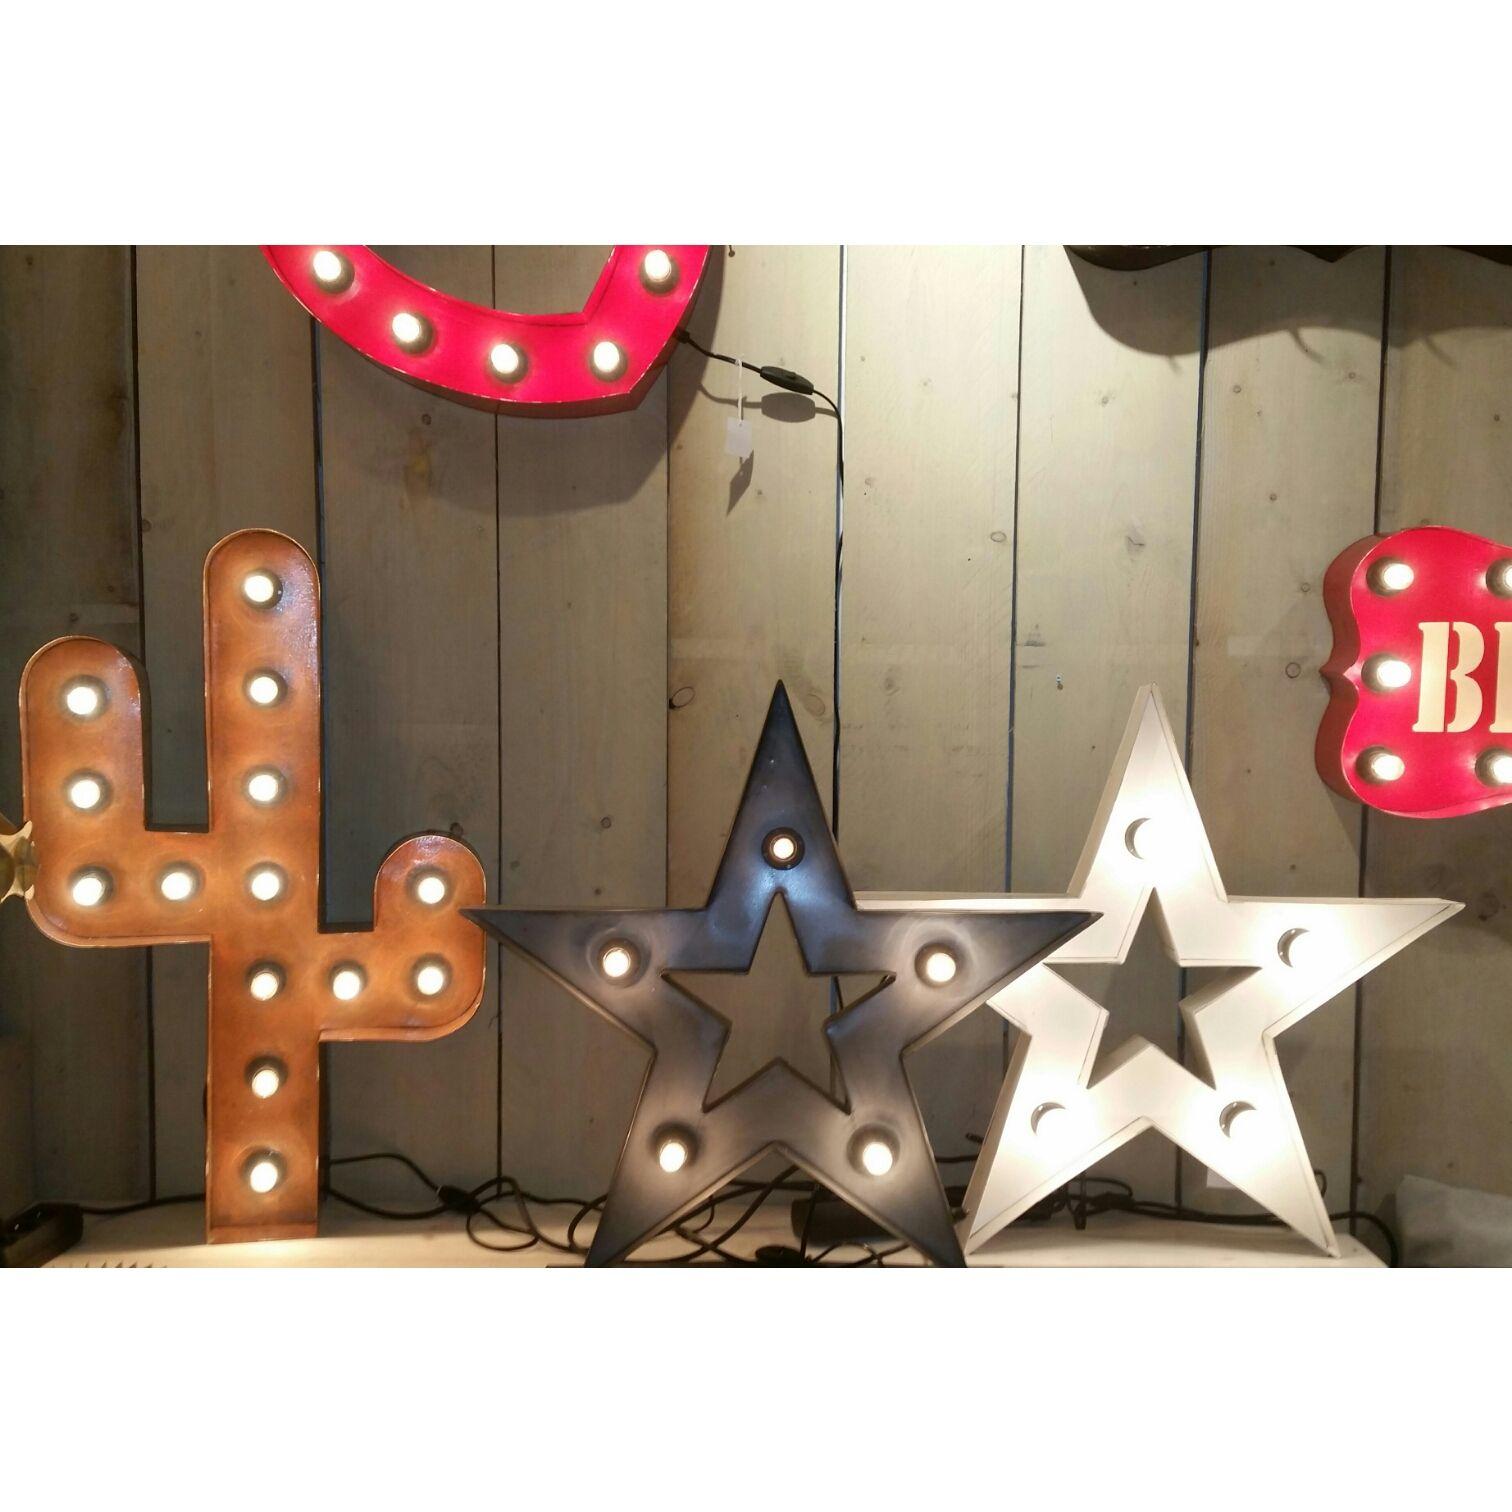 Cactus lamp - Stoeruh Zaken